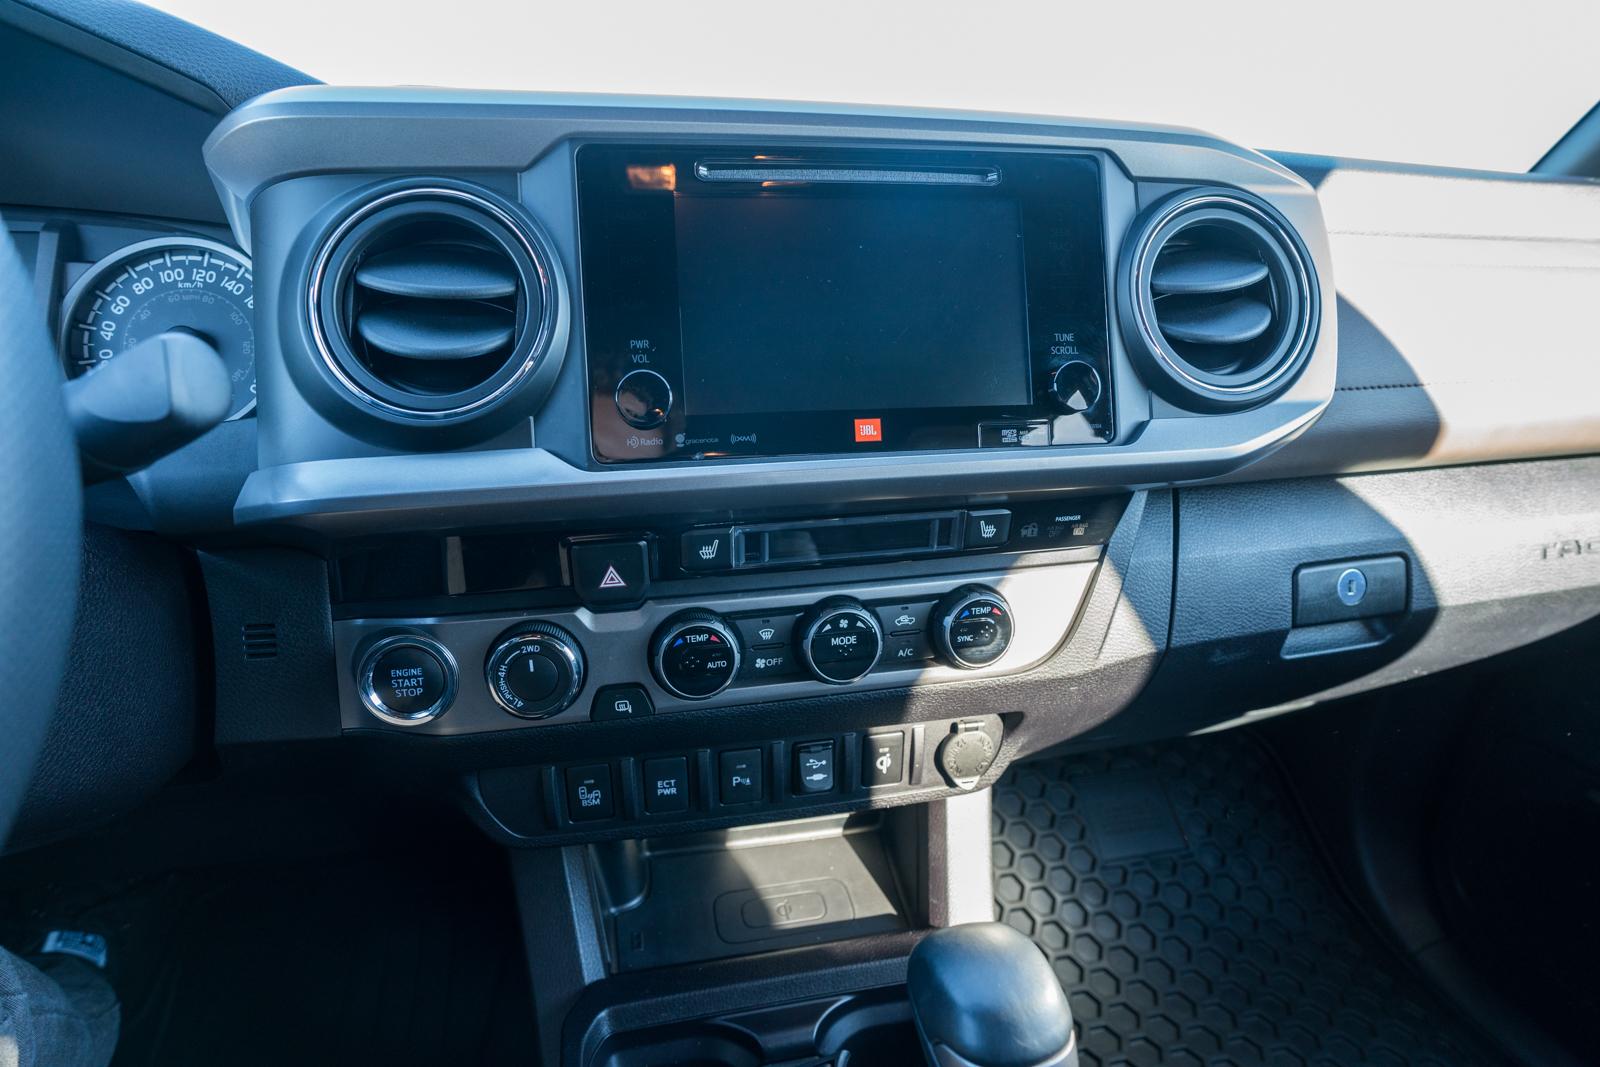 Toyota Rav4 Wiring Diagram Stereo : Stereo wiring diagram for toyota rav